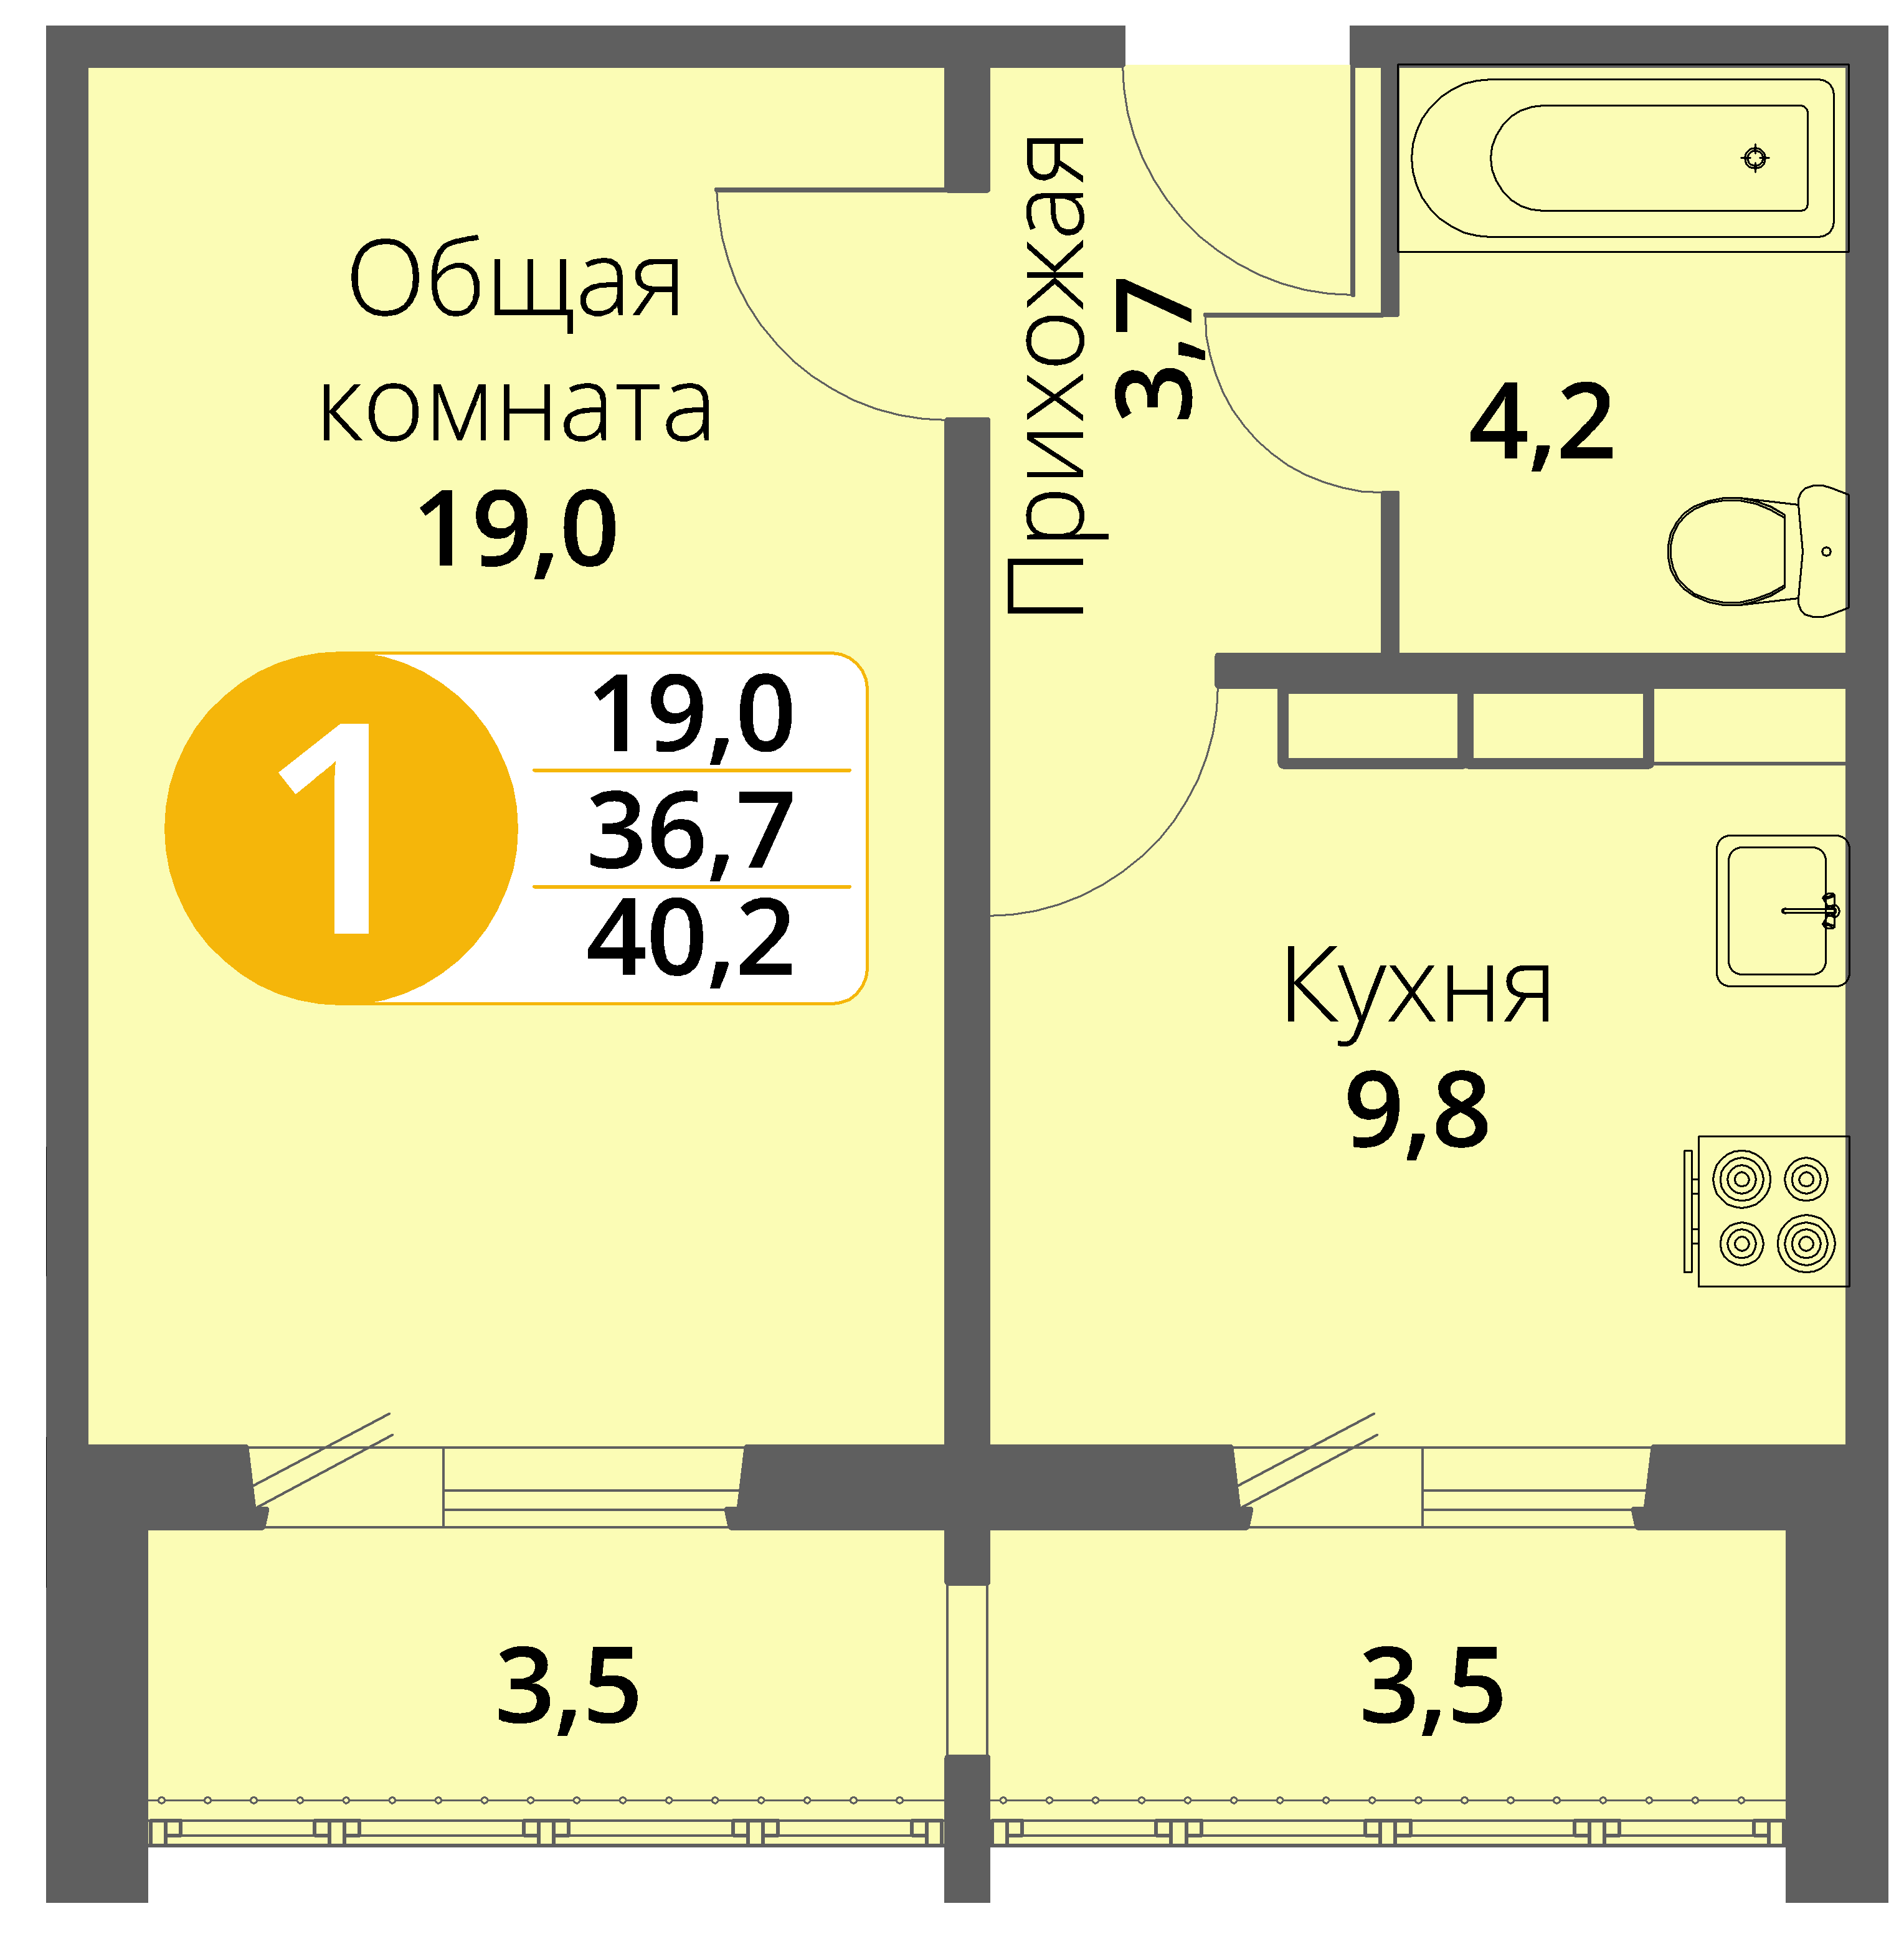 Зареченская 1-2, квартира 63 - Однокомнатная